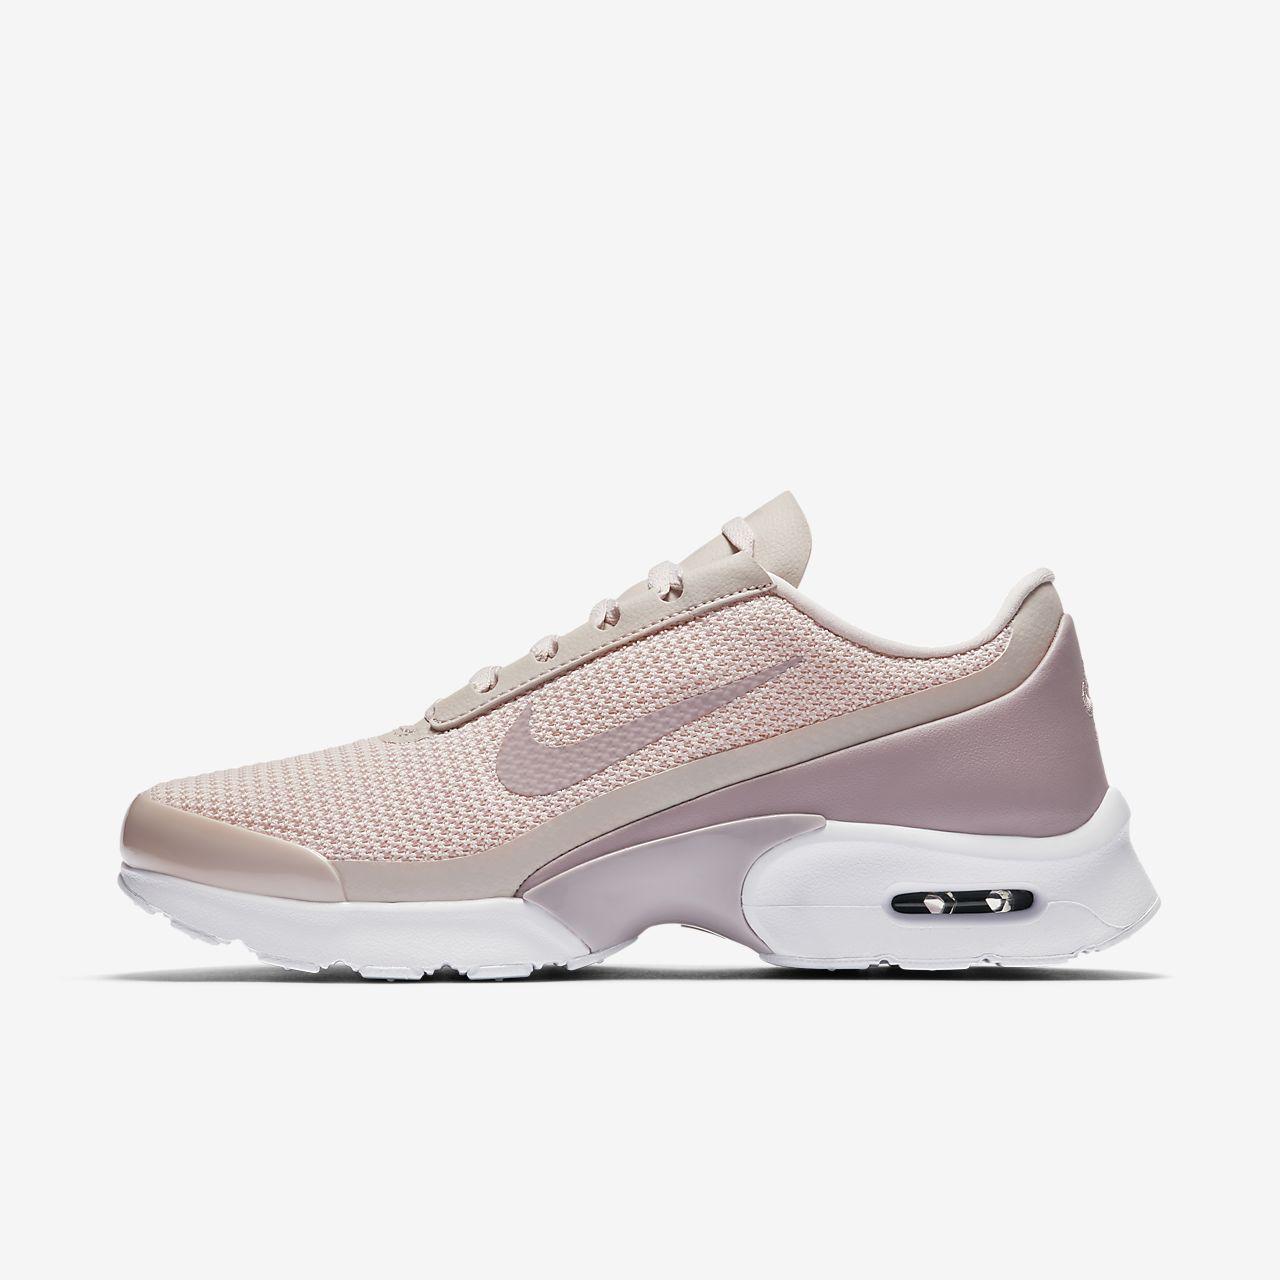 90aa18f00eff0c Bestpreis Wählen Sie Einen Besten Günstigen Preis Nike Air Max Jewell  Premium W Lo Sneaker Schuhe